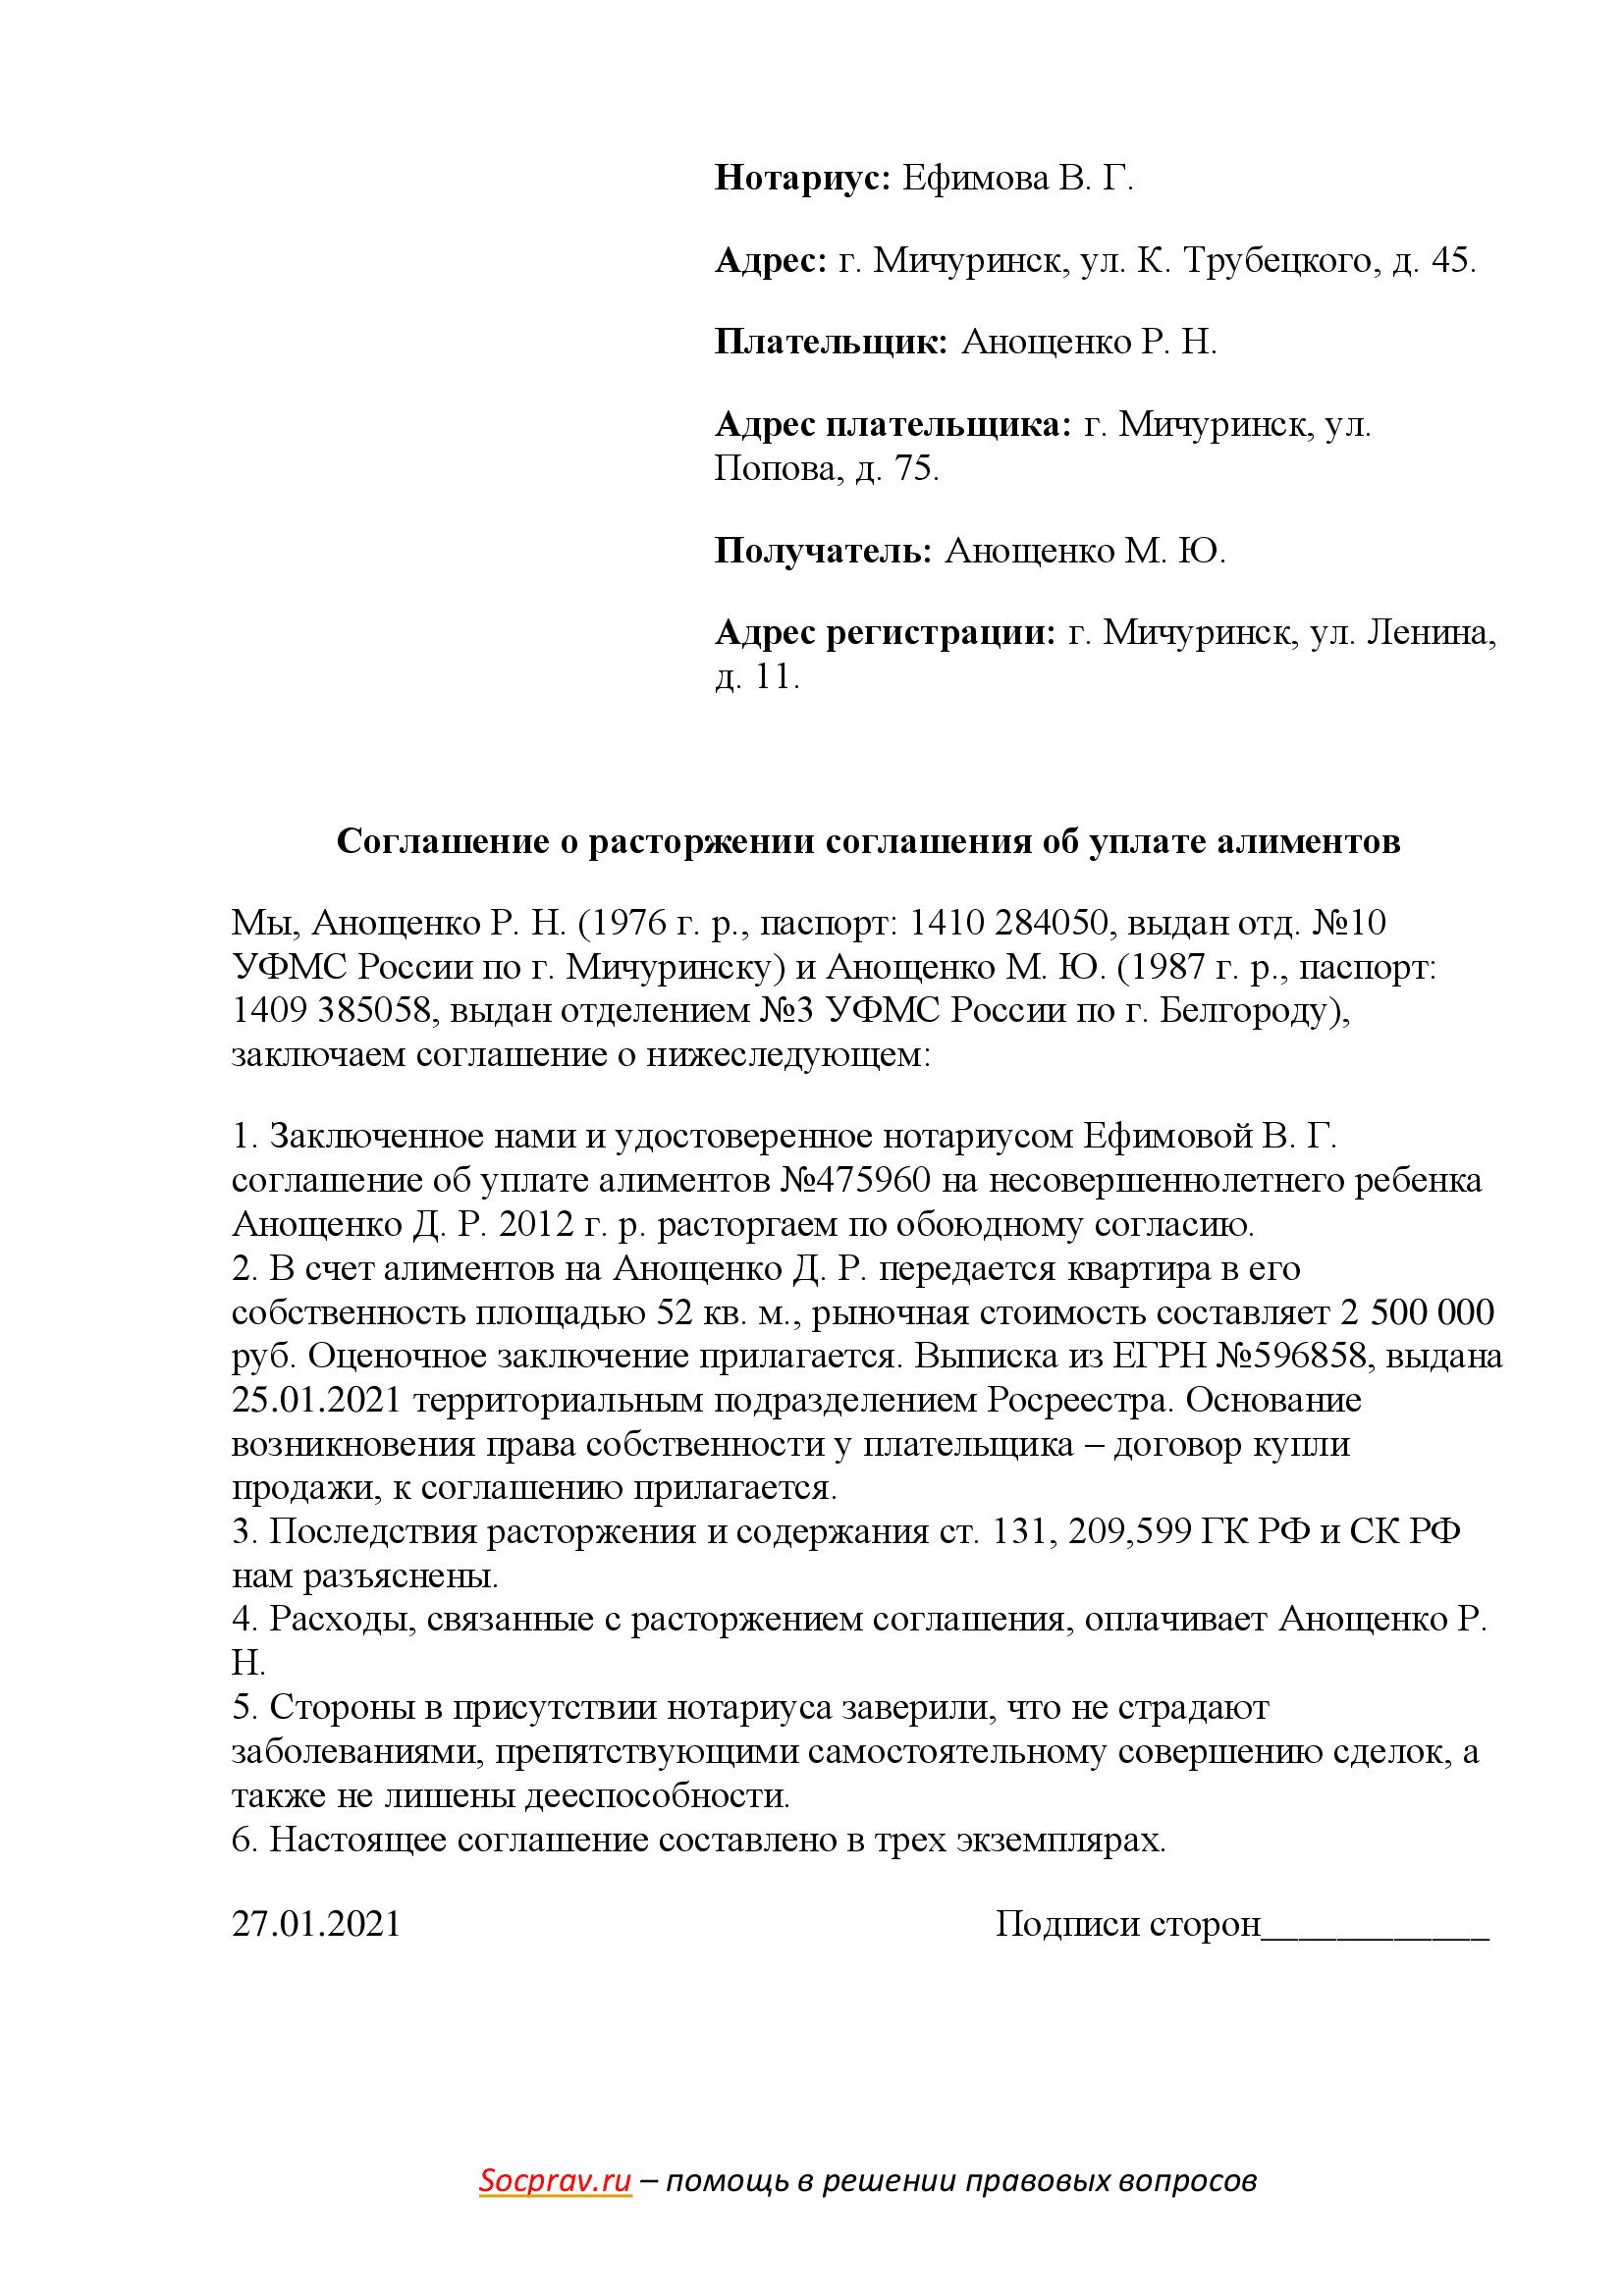 Соглашение о расторжении соглашения об уплате алиментов